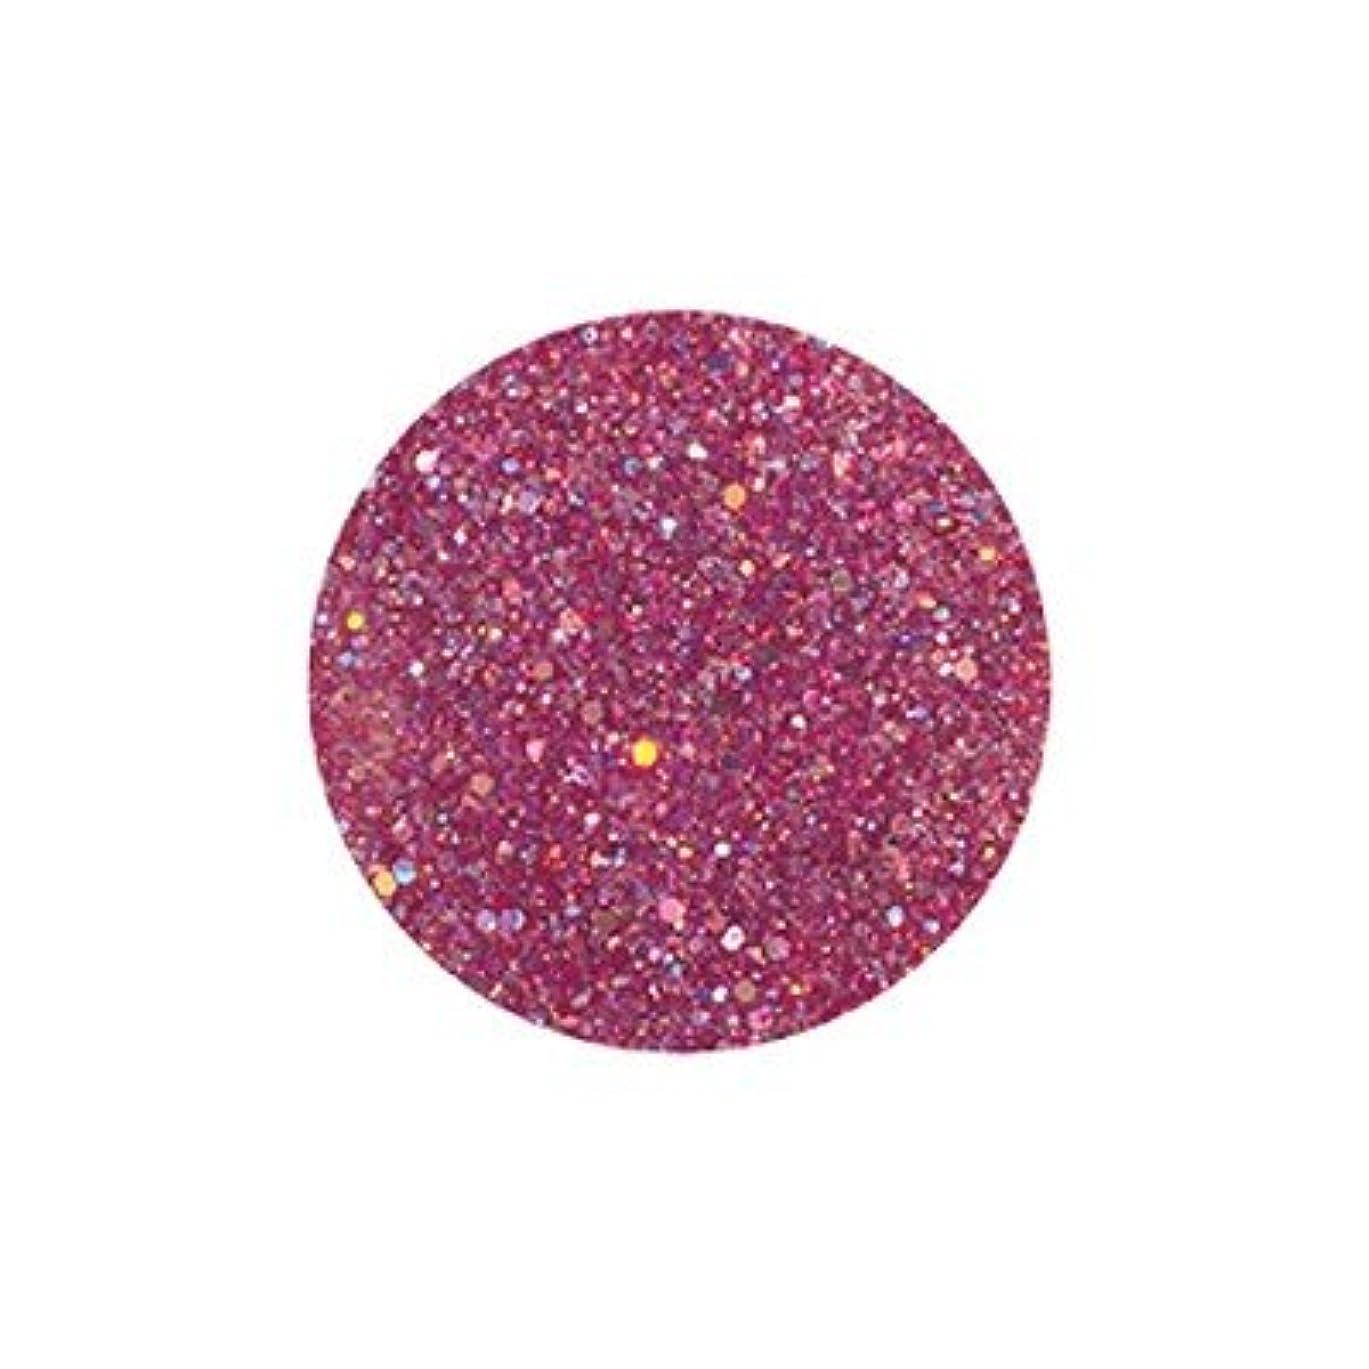 洪水メロディアス軽蔑するFANTASY NAIL ダイヤモンドコレクション 3g 4259XS カラーパウダー アート材